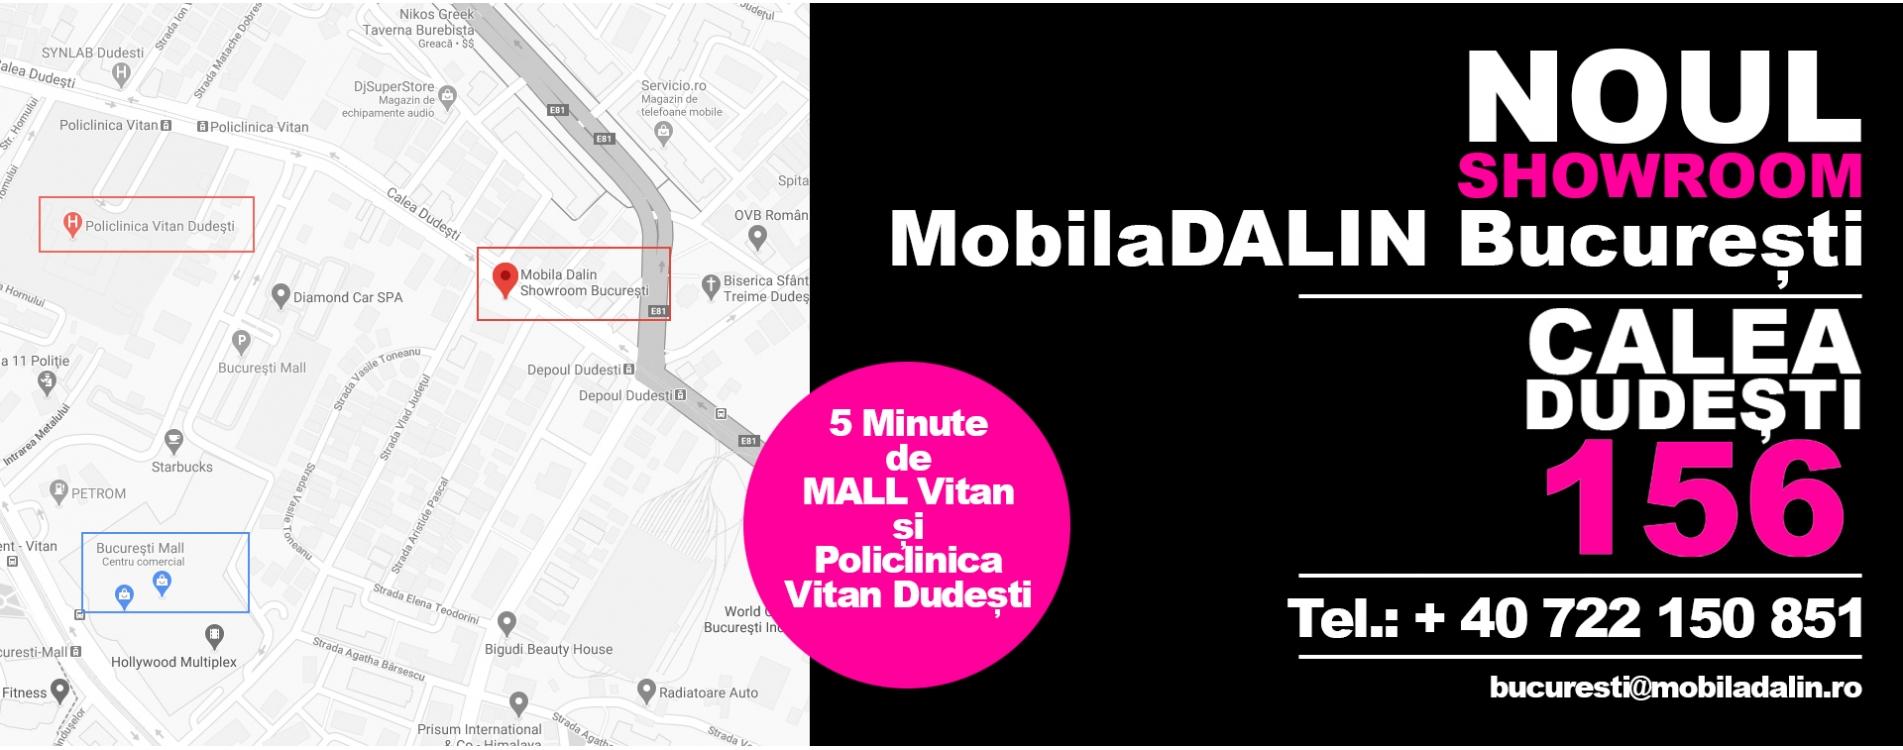 MobilaDalin Bucuresti locatie noua